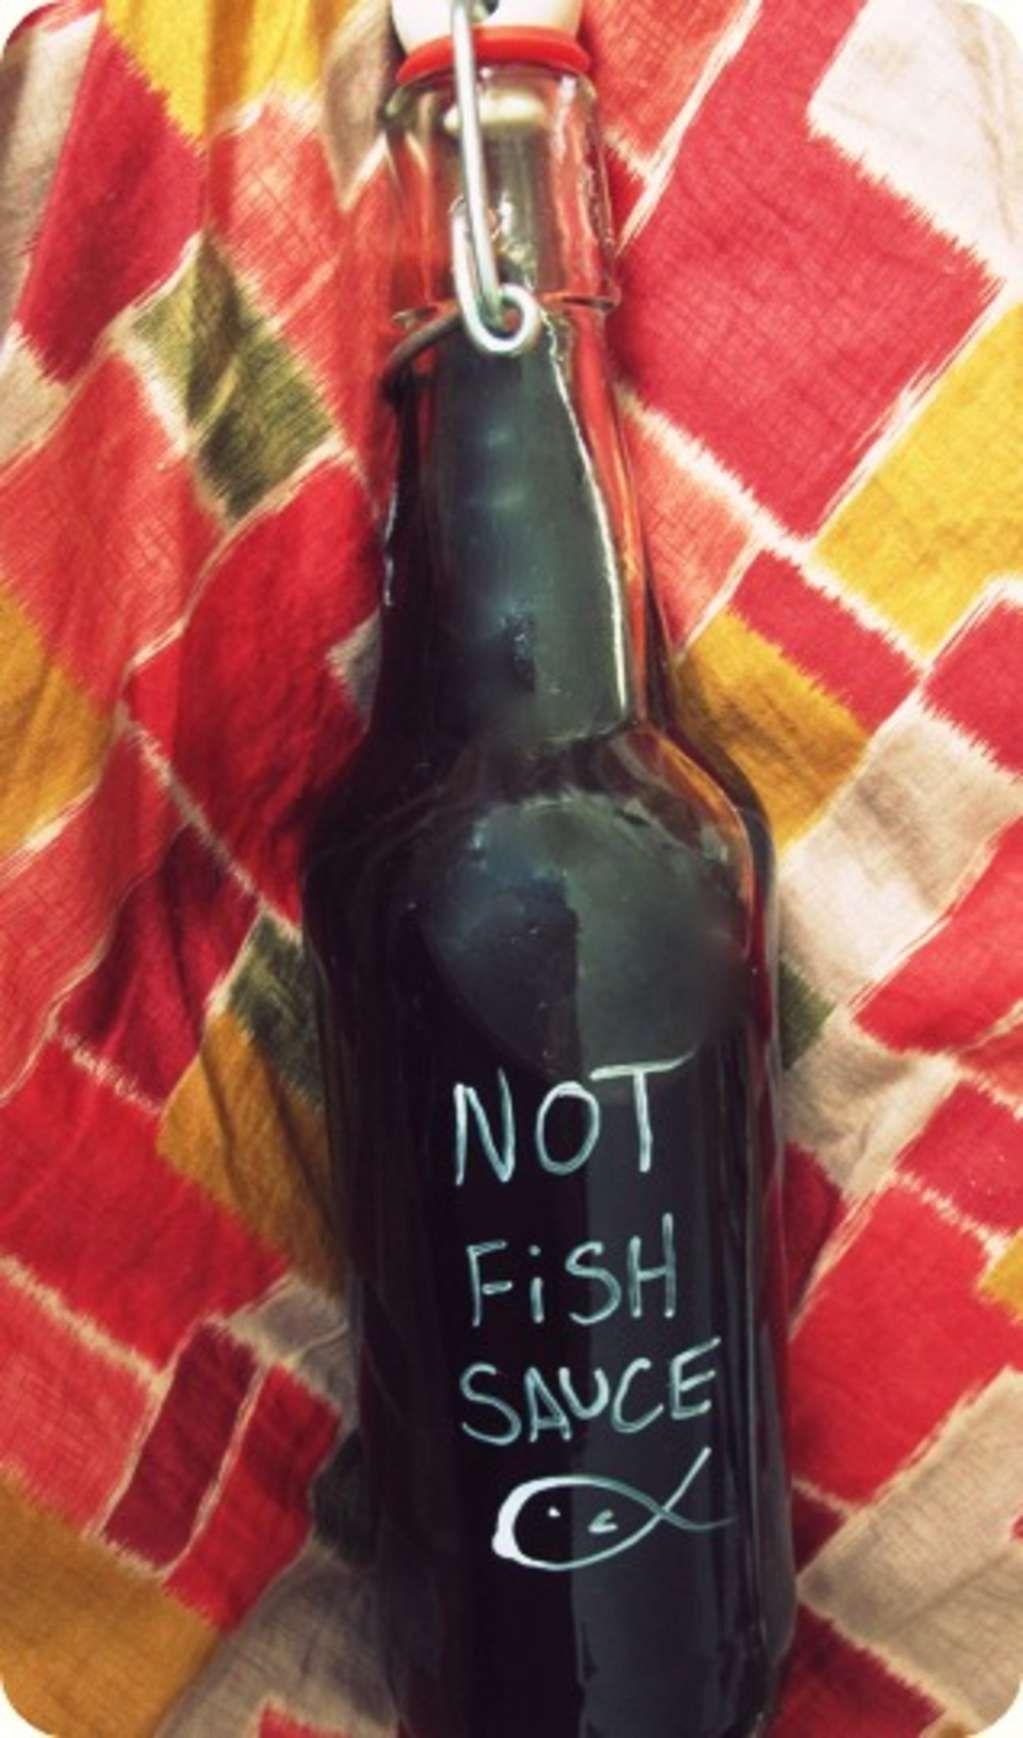 Recipe Vegan Fish Sauce With Images Vegan Fish Vegan Sauces Fish Sauce